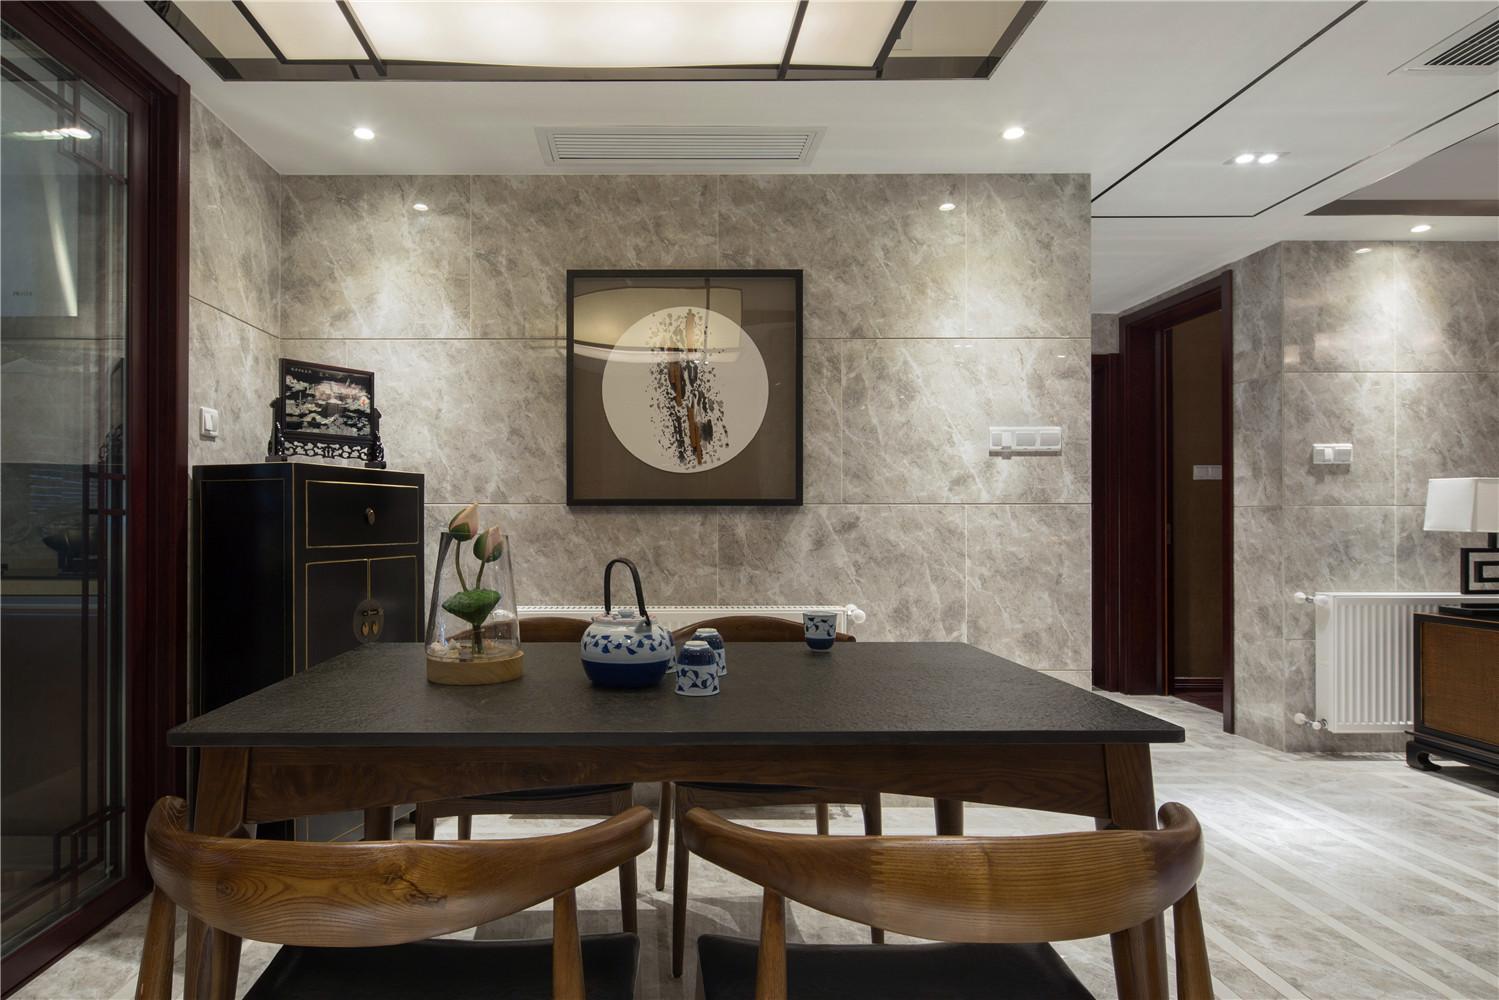 中式三居装修餐厅背景墙图片